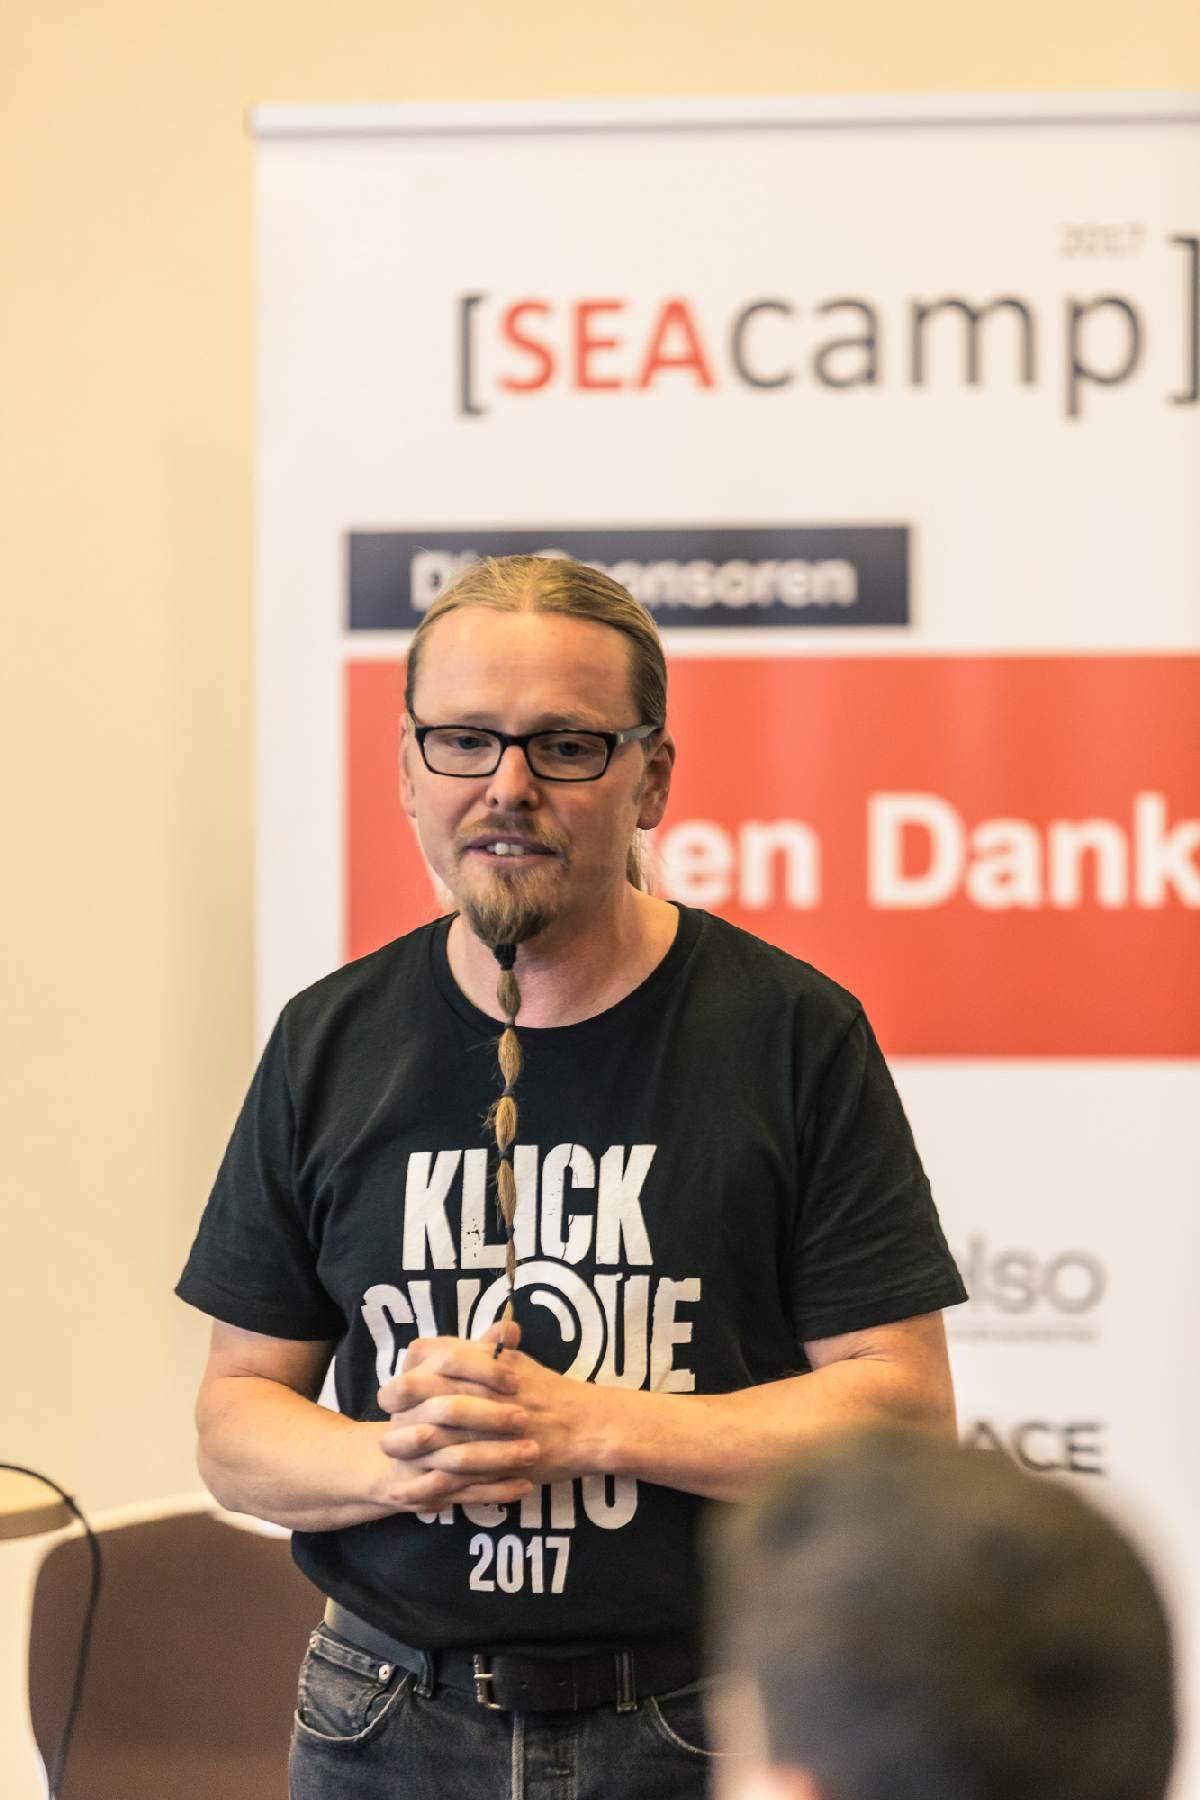 hannover_2017_SEAcamp-922(2)